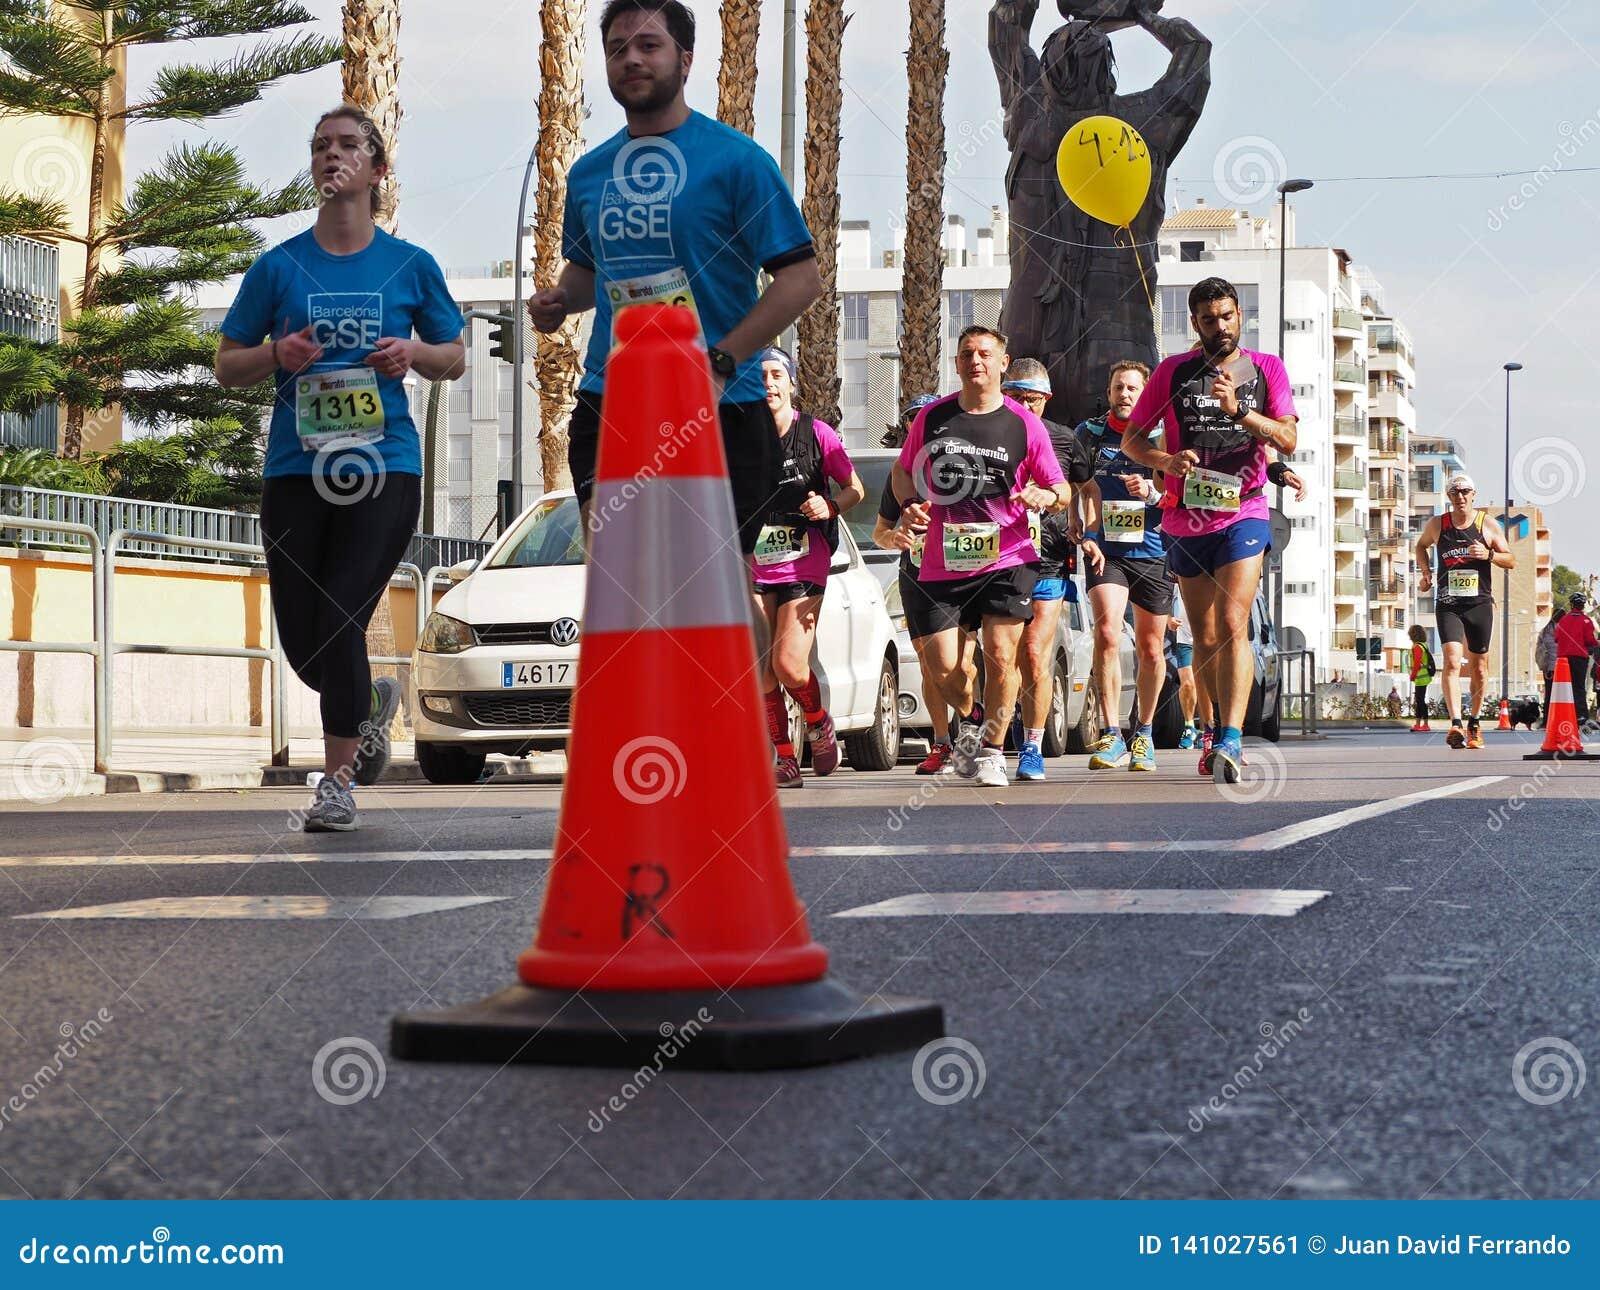 Castellon, Spanje 24 februari, 2019 de agenten tijdens een marathon rennen